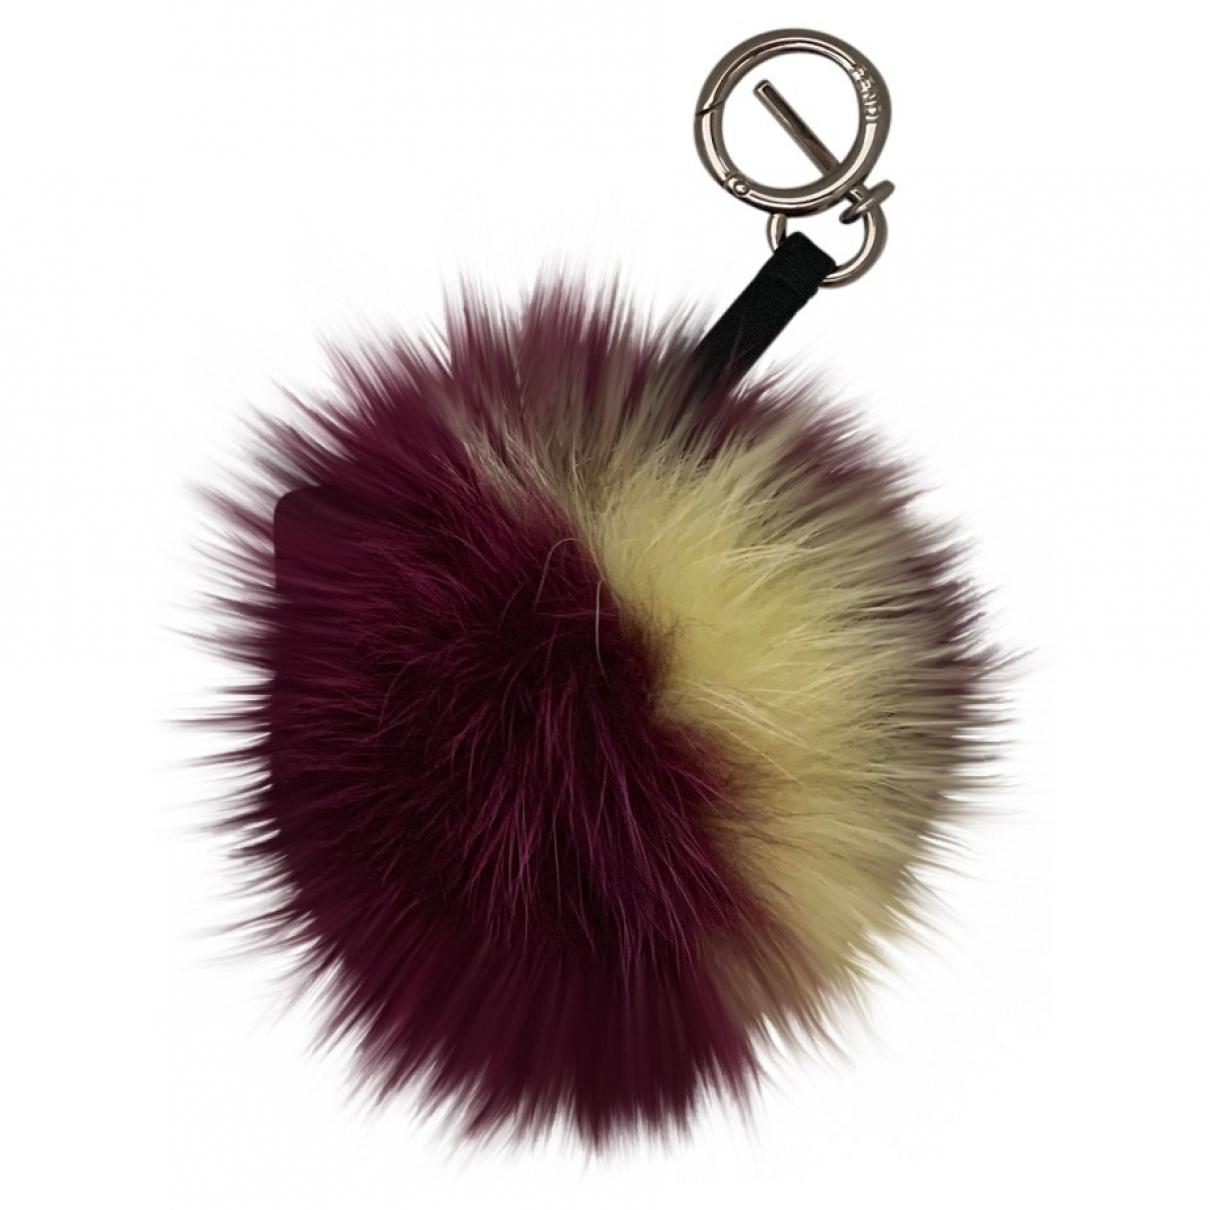 Fendi - Bijoux de sac Pompon pour femme en renard - multicolore